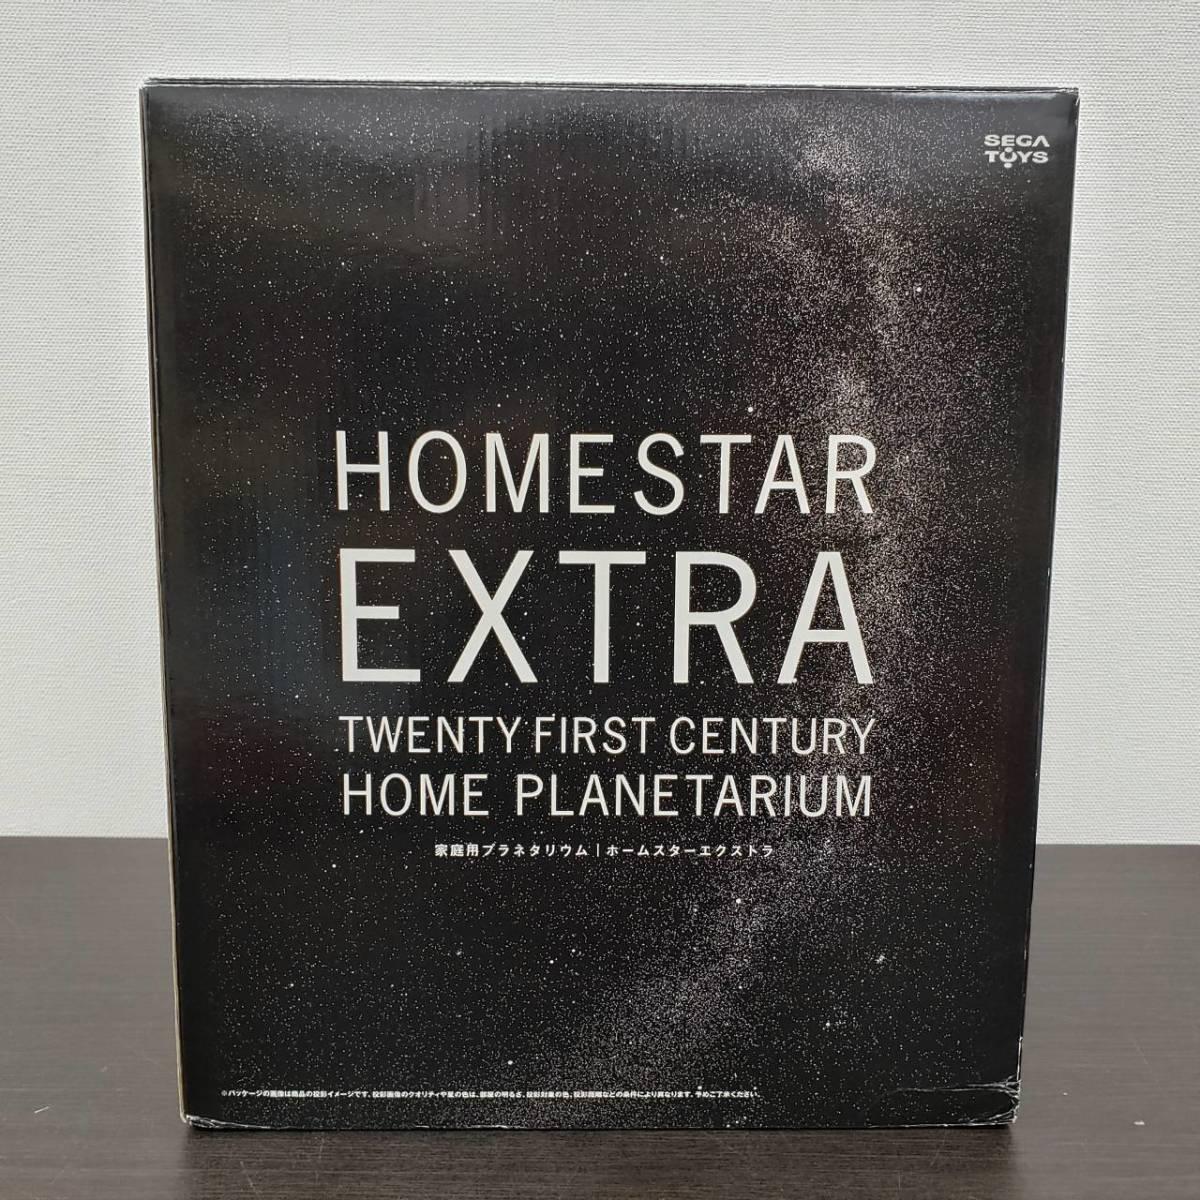 付属品完備 美品 ◇ 映写写真掲載してます ◇ 家庭用プラネタリウム ホームスター エクストラ HOMESTAR EXTRA